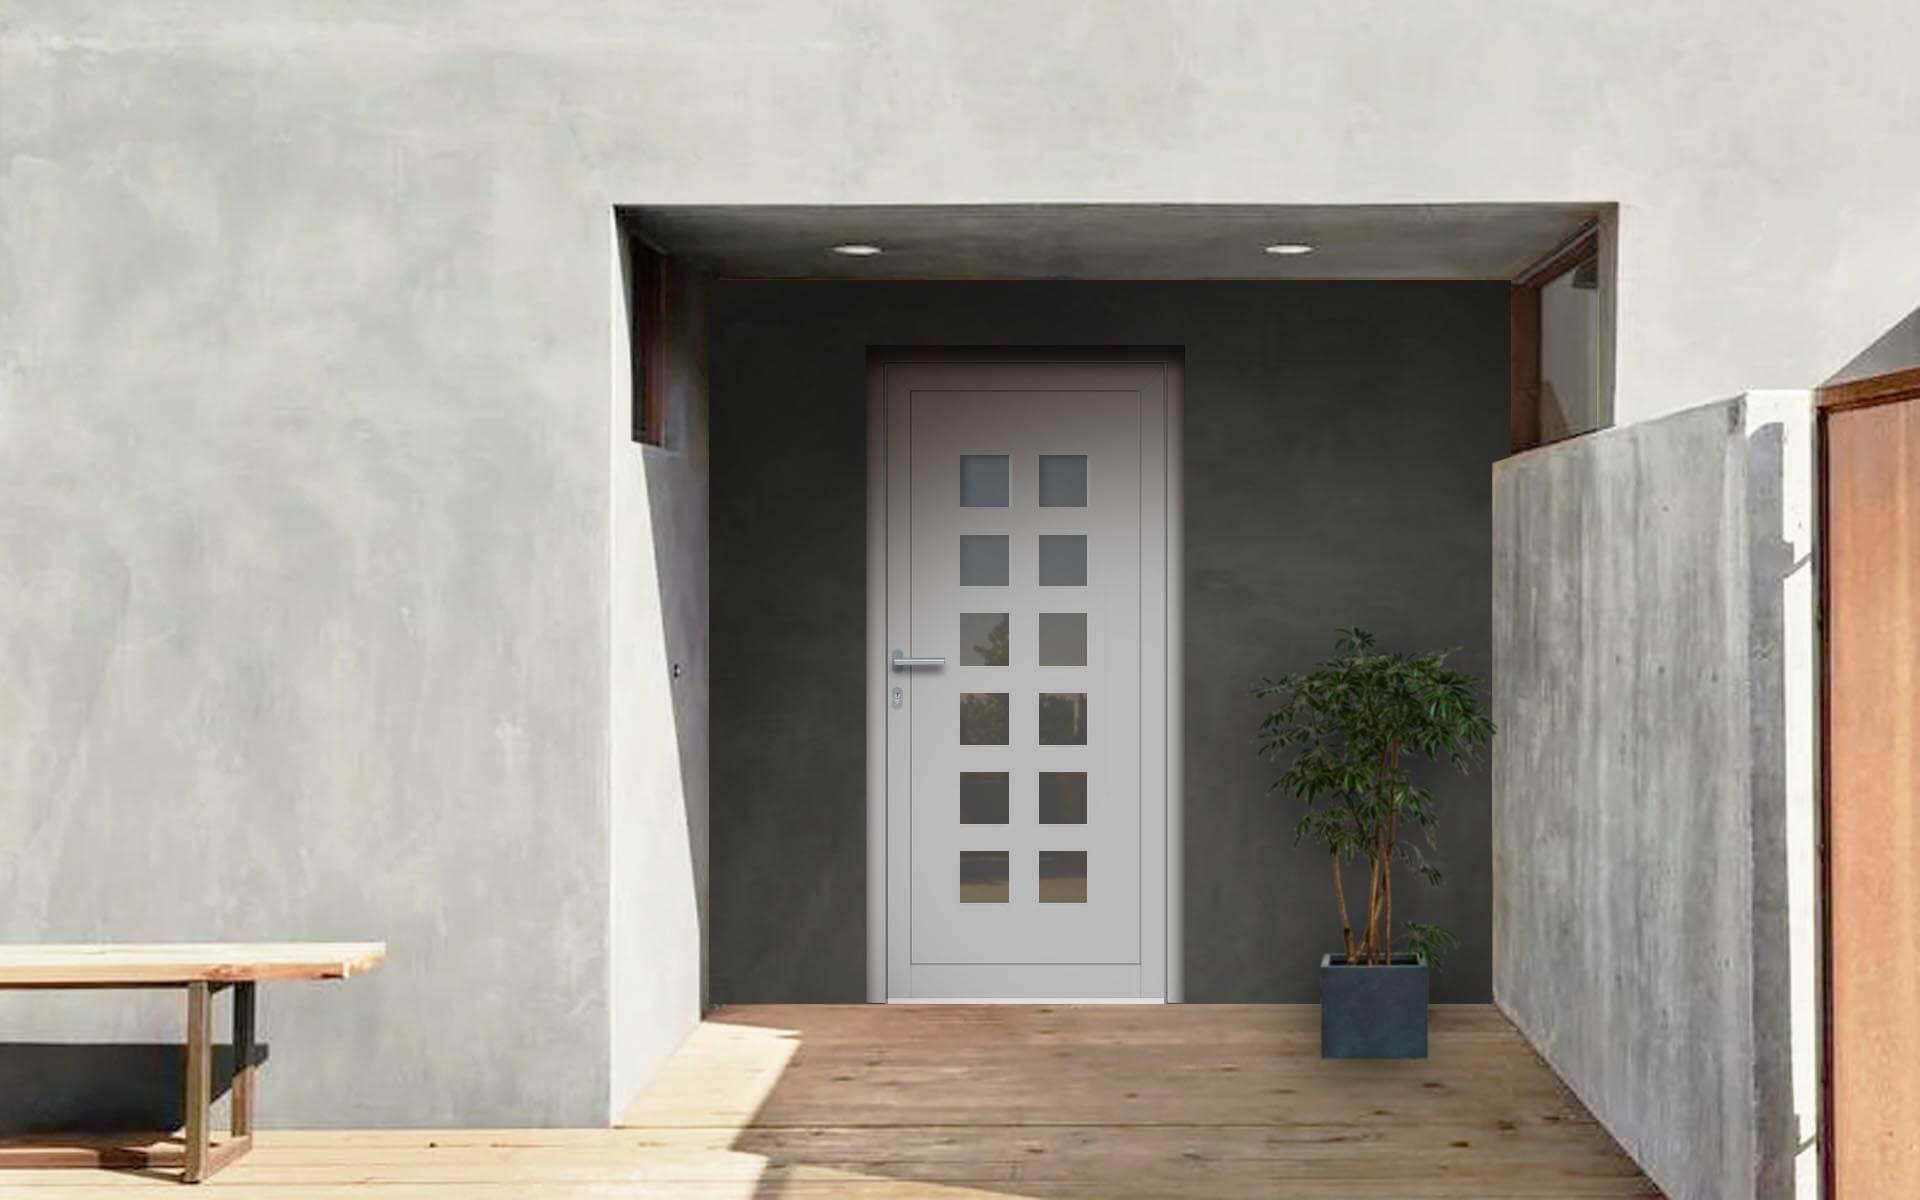 Vedľajšie vchodové dvere do domu vo farbe biela 9016